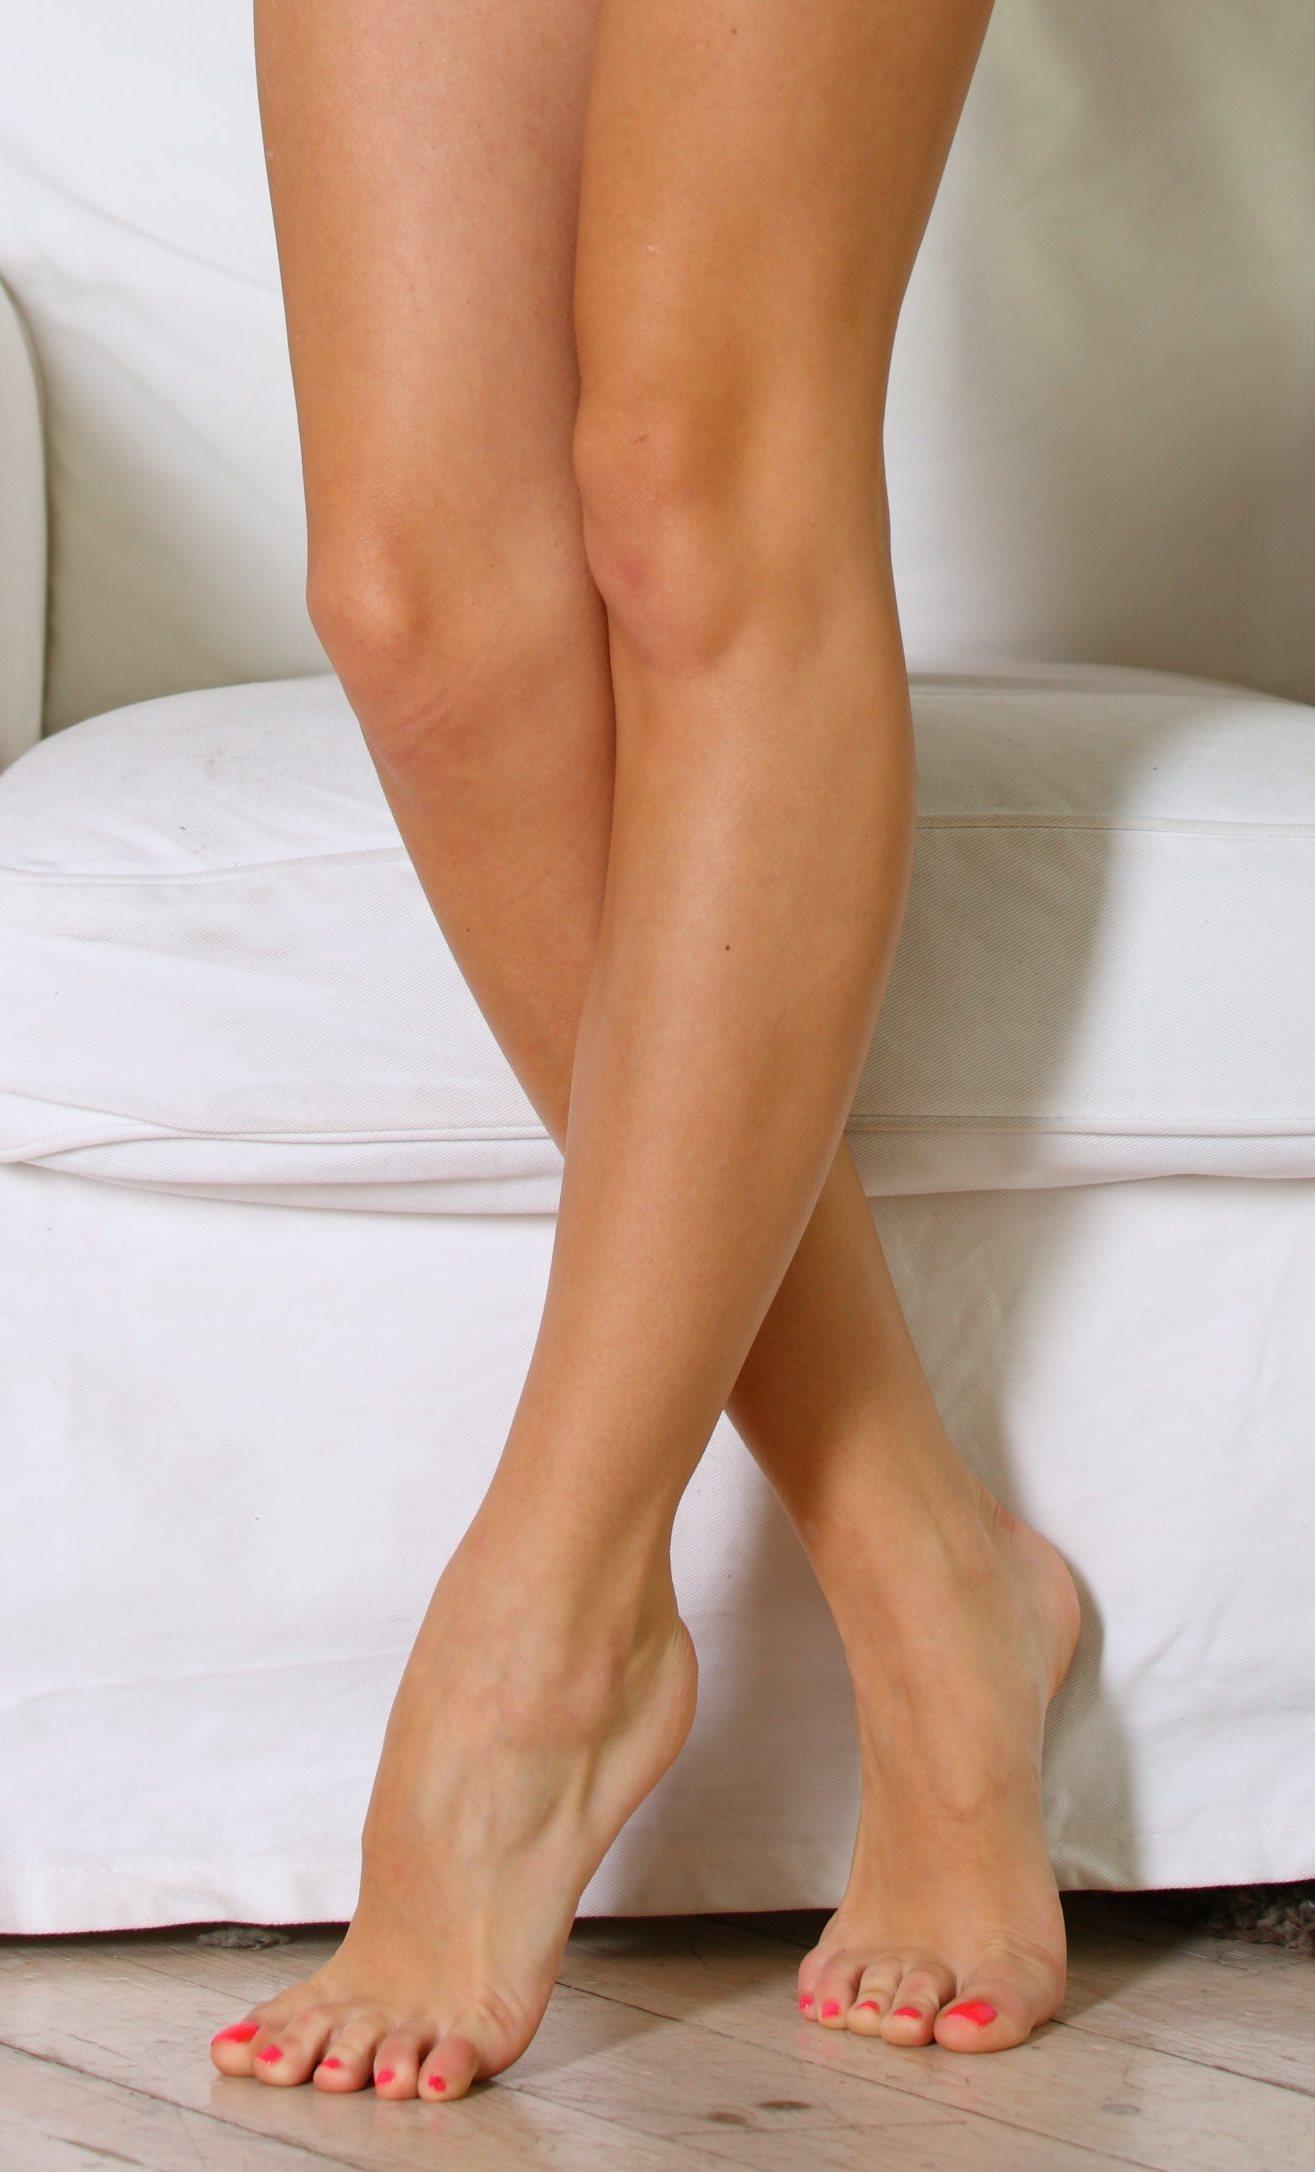 Anjelica feet